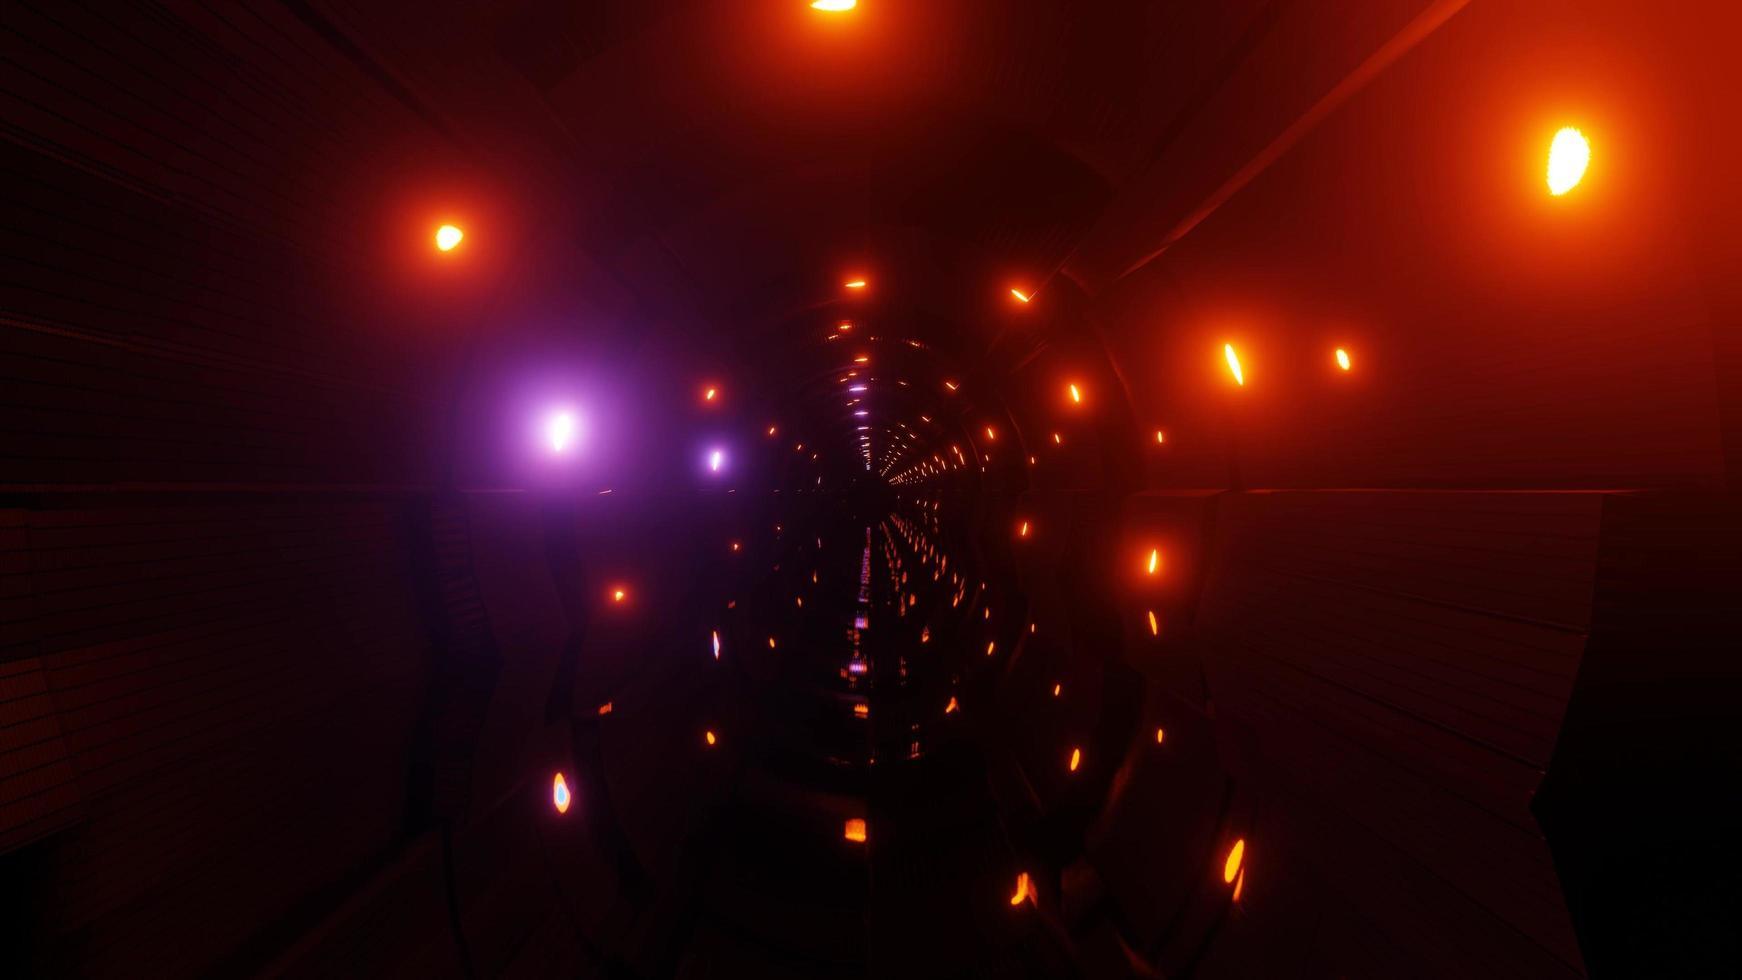 luci in movimento sul tunnel di fantascienza 3d'illustrazione foto